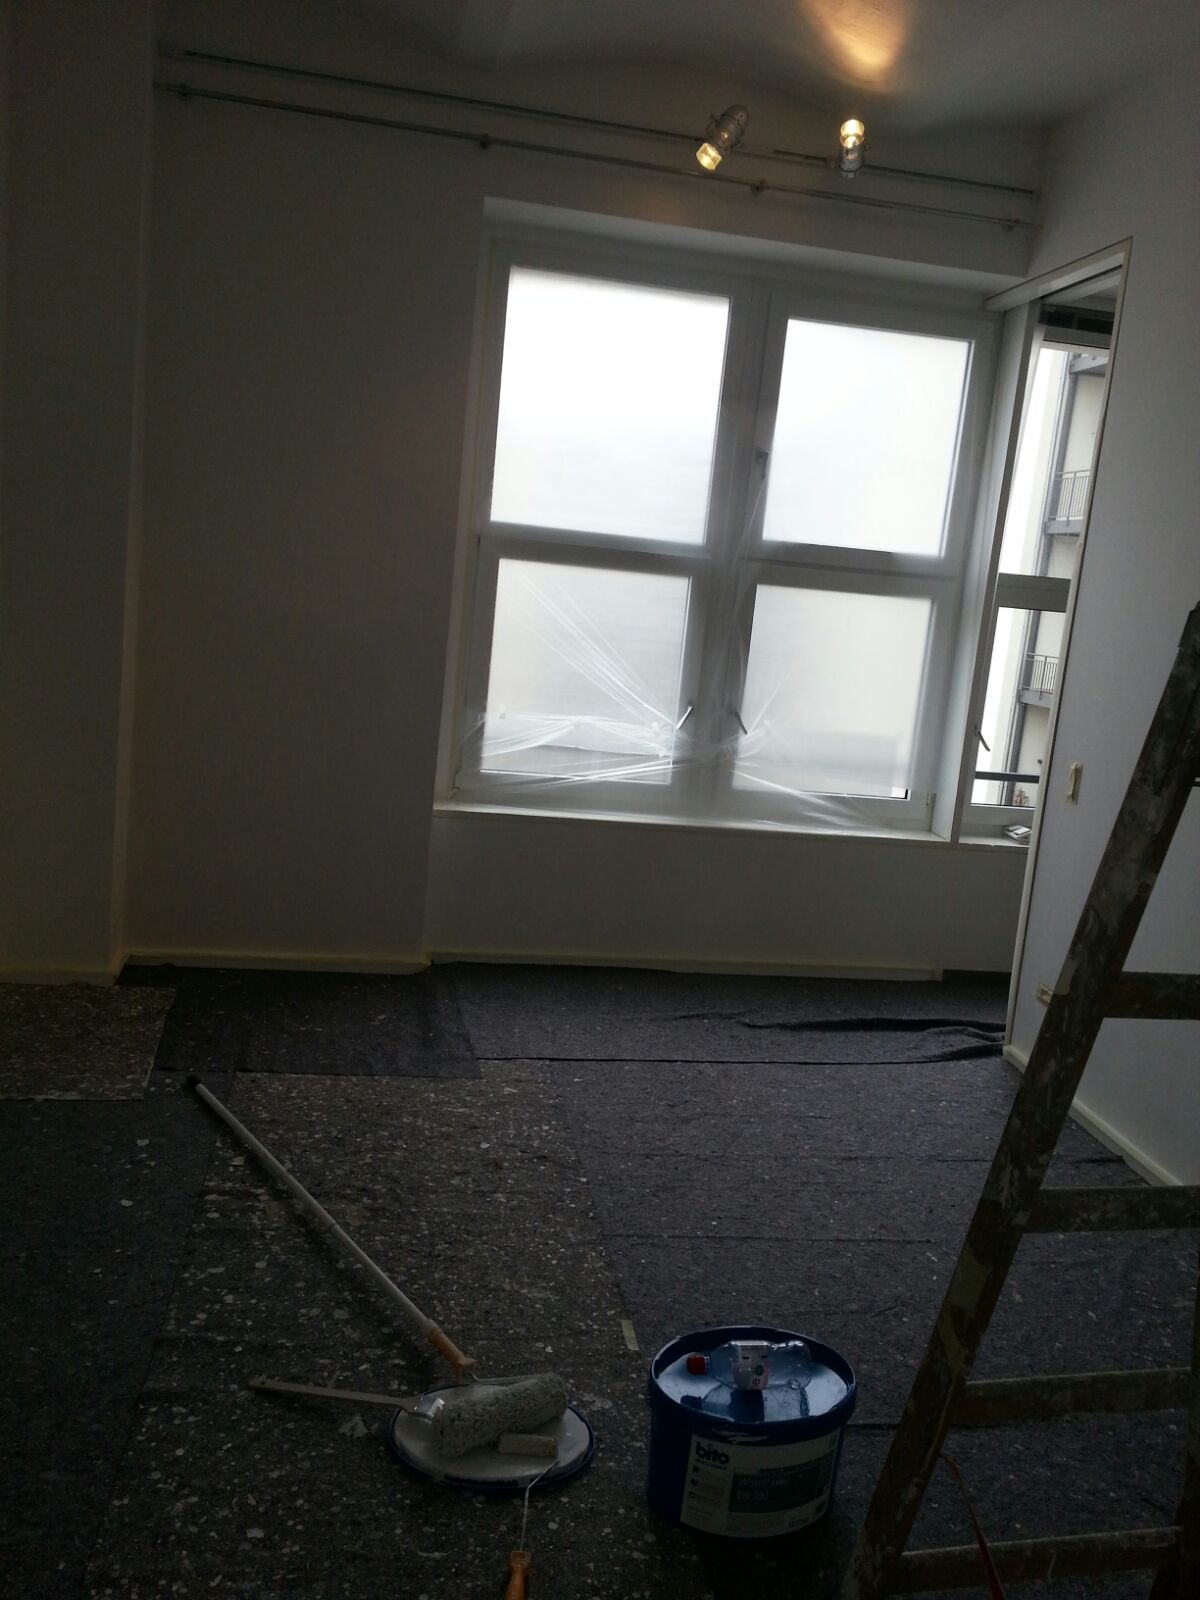 malerarbeiten und renovierungen in berlin anfrage 030 20916489. Black Bedroom Furniture Sets. Home Design Ideas